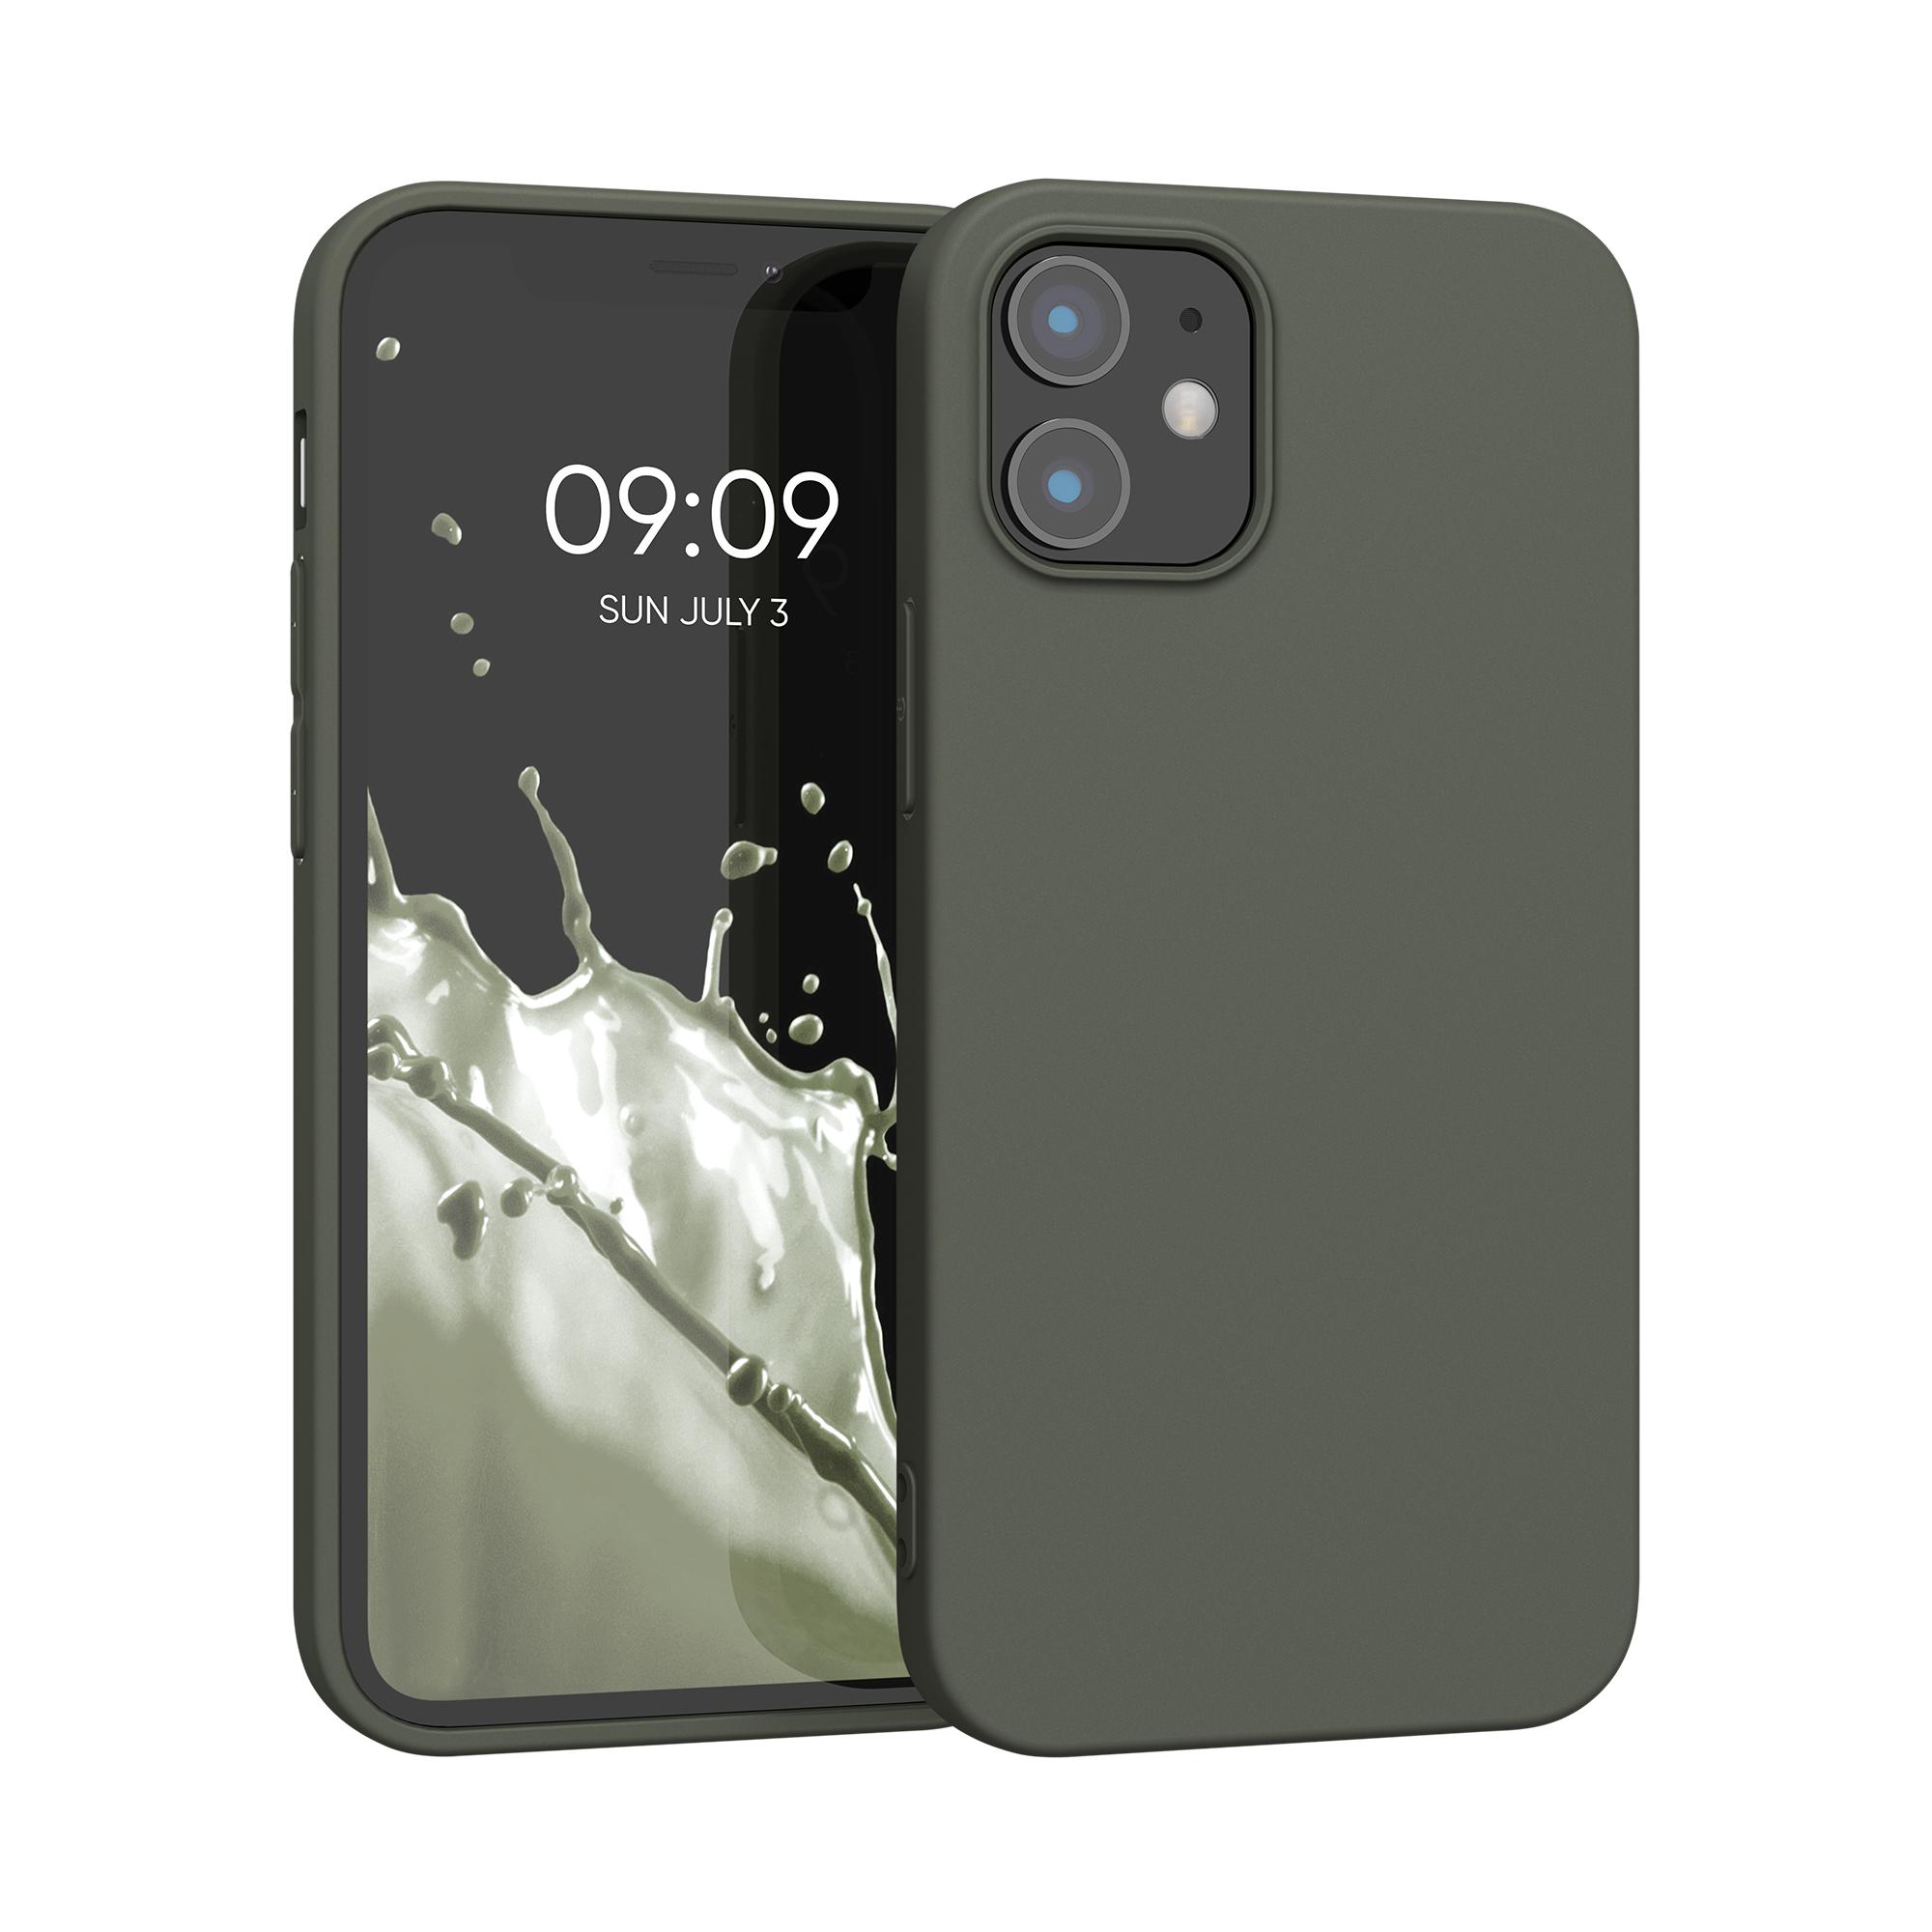 AKCE! Kvalitní silikonové TPU pouzdro pro Apple iPhone 12 mini - Olive Green